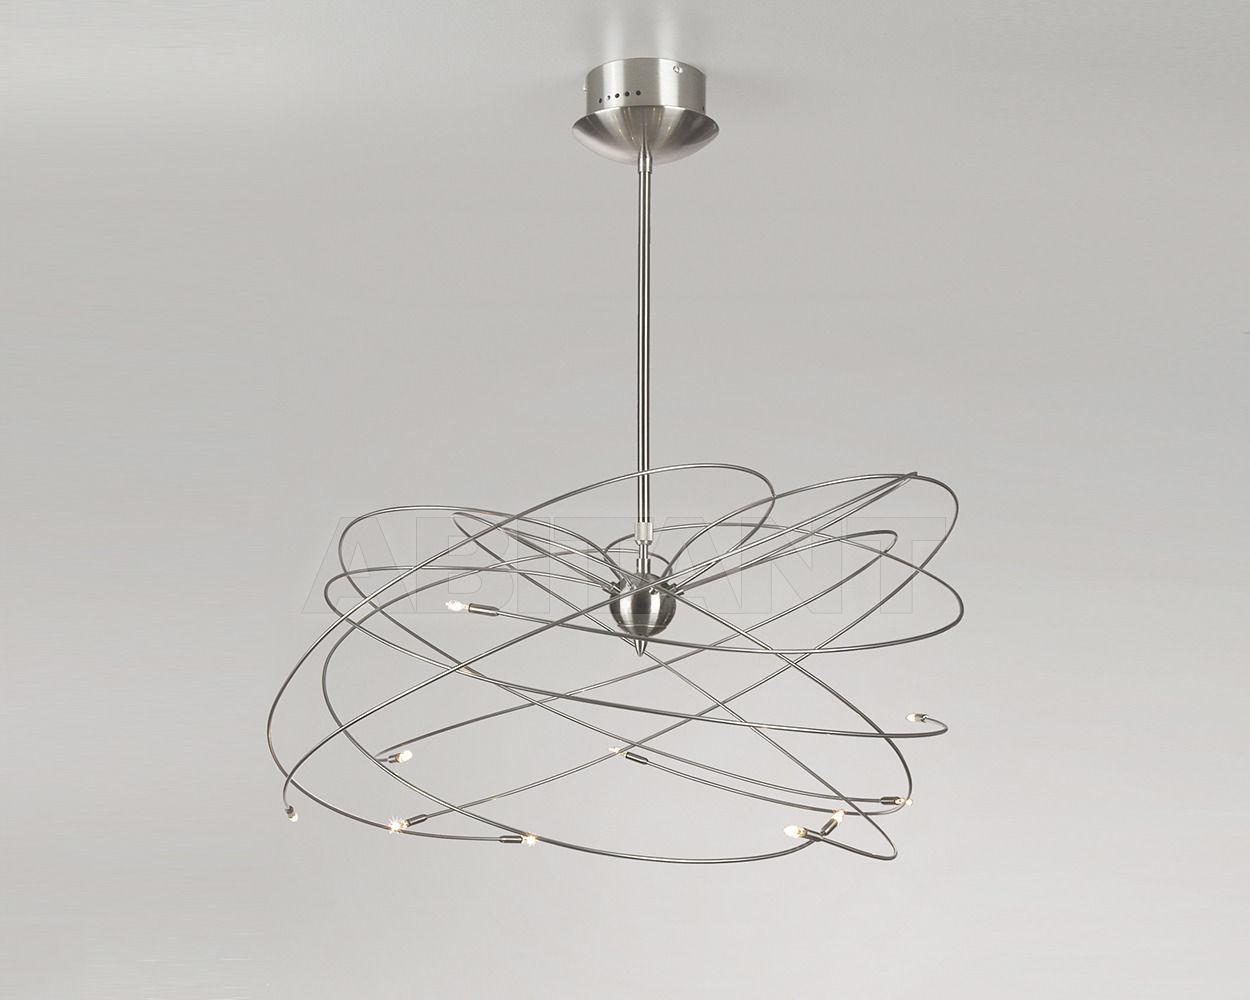 Купить Светильник Linea Verdace 2012 LV 51025/NM